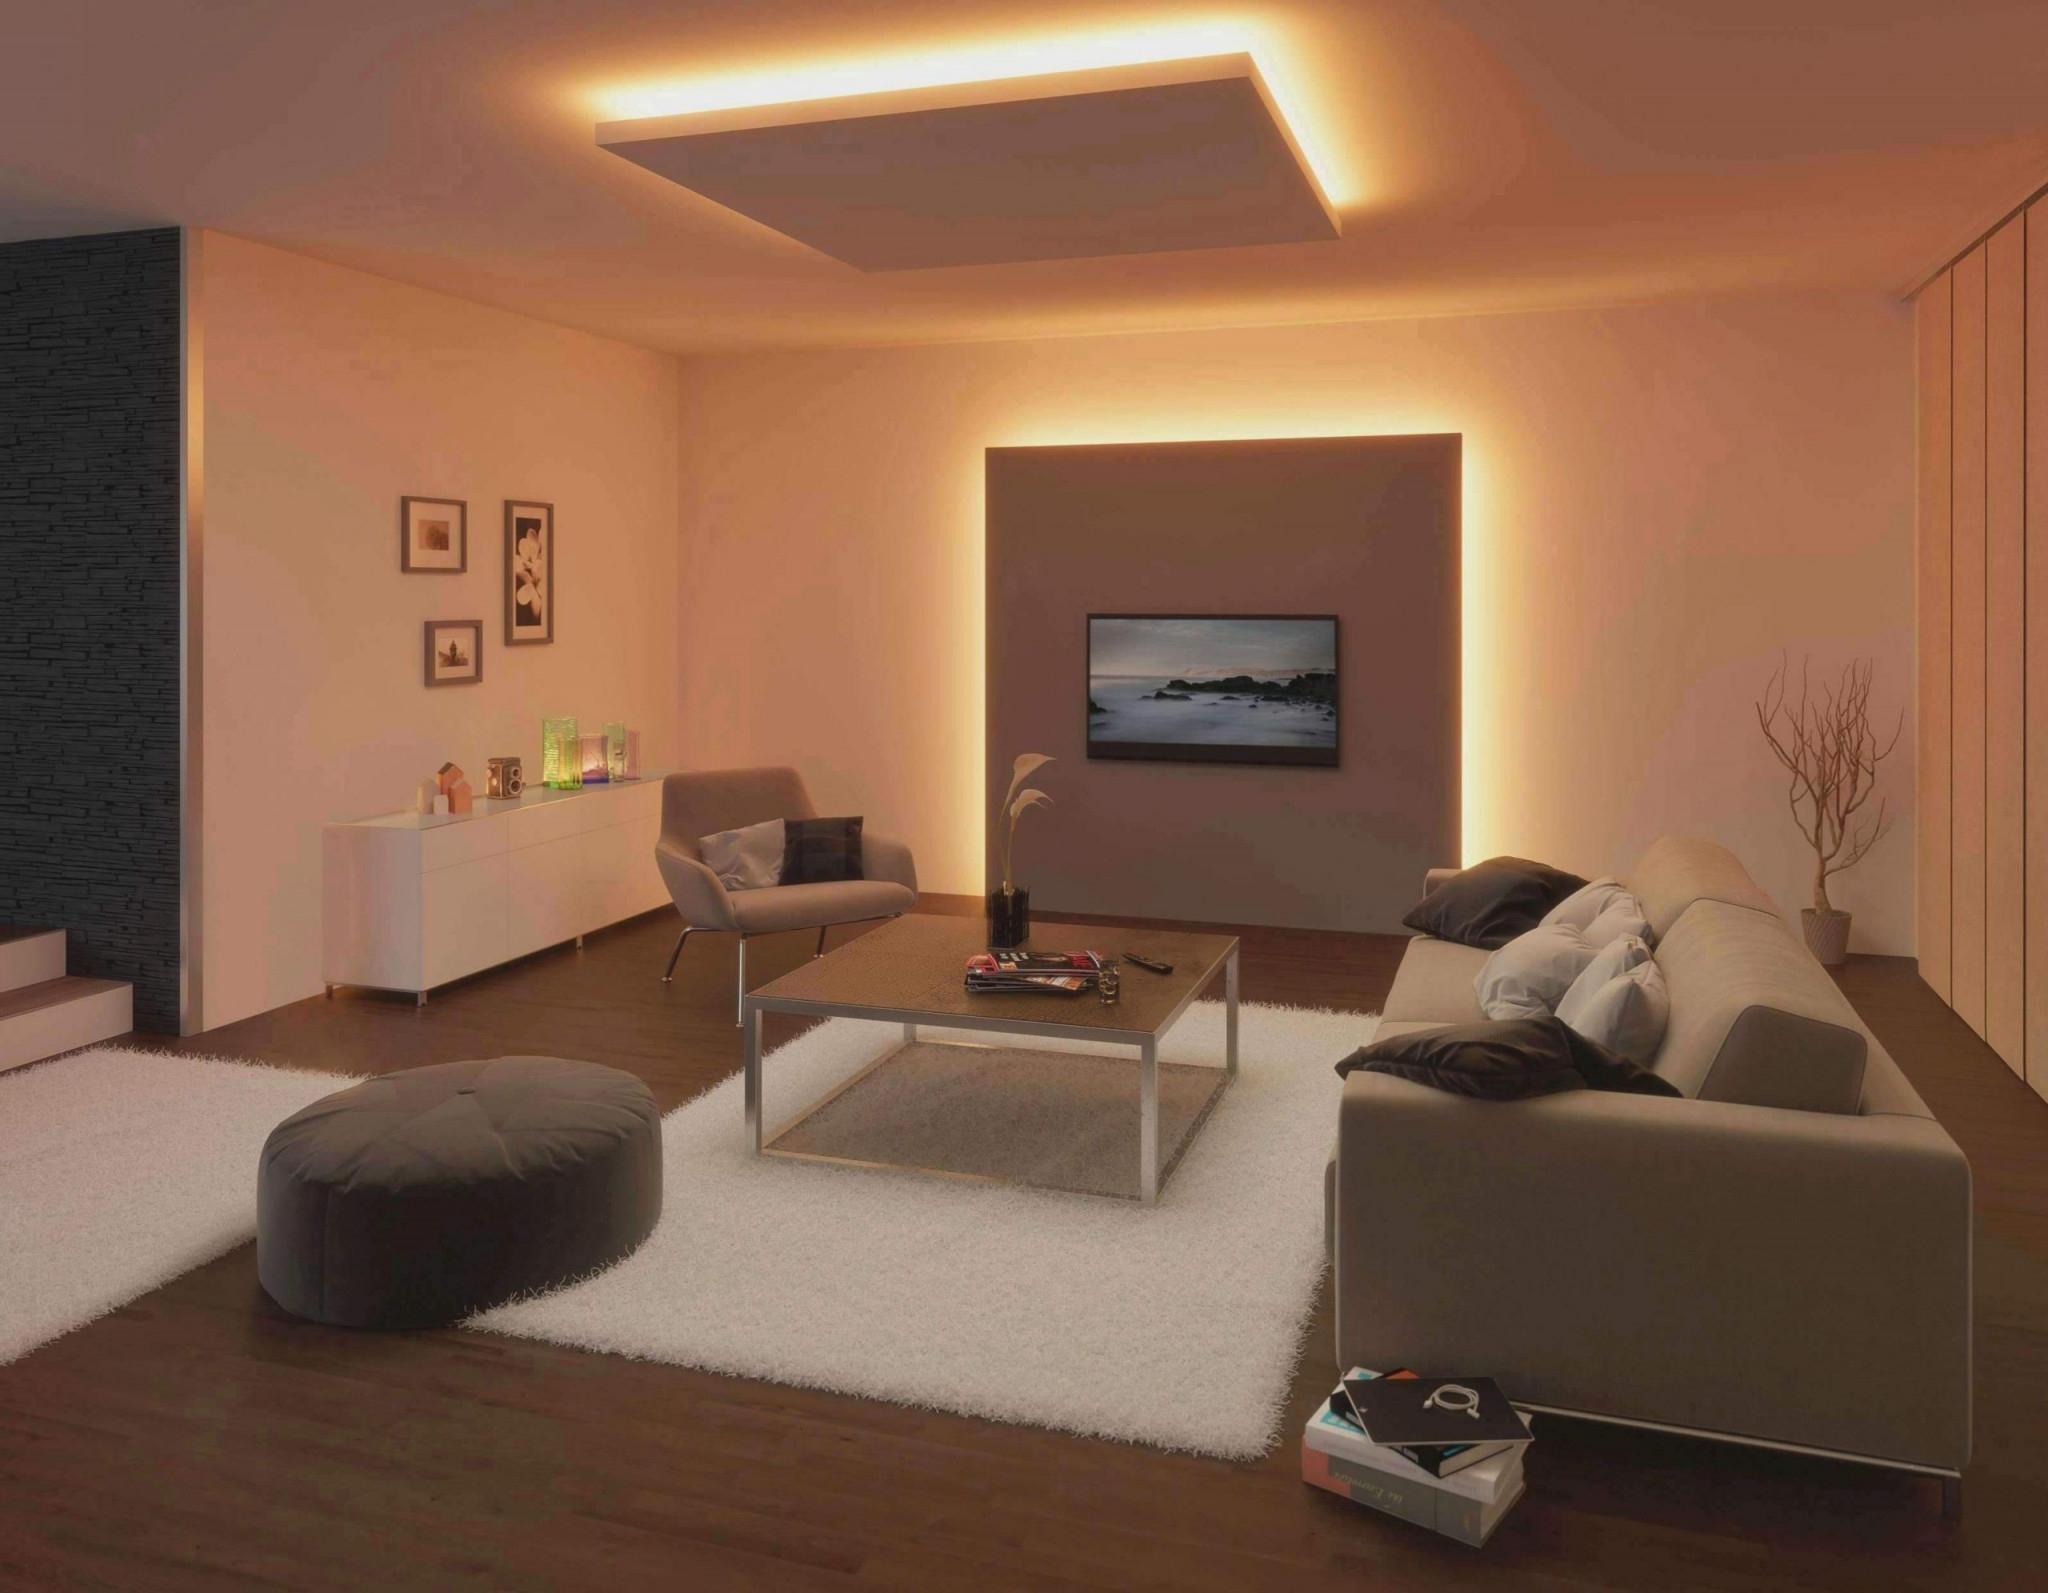 Garten Mediterran Gestalten Luxus 29 Schön Wohnzimmer von Wohnzimmer Mediterran Gestalten Bild